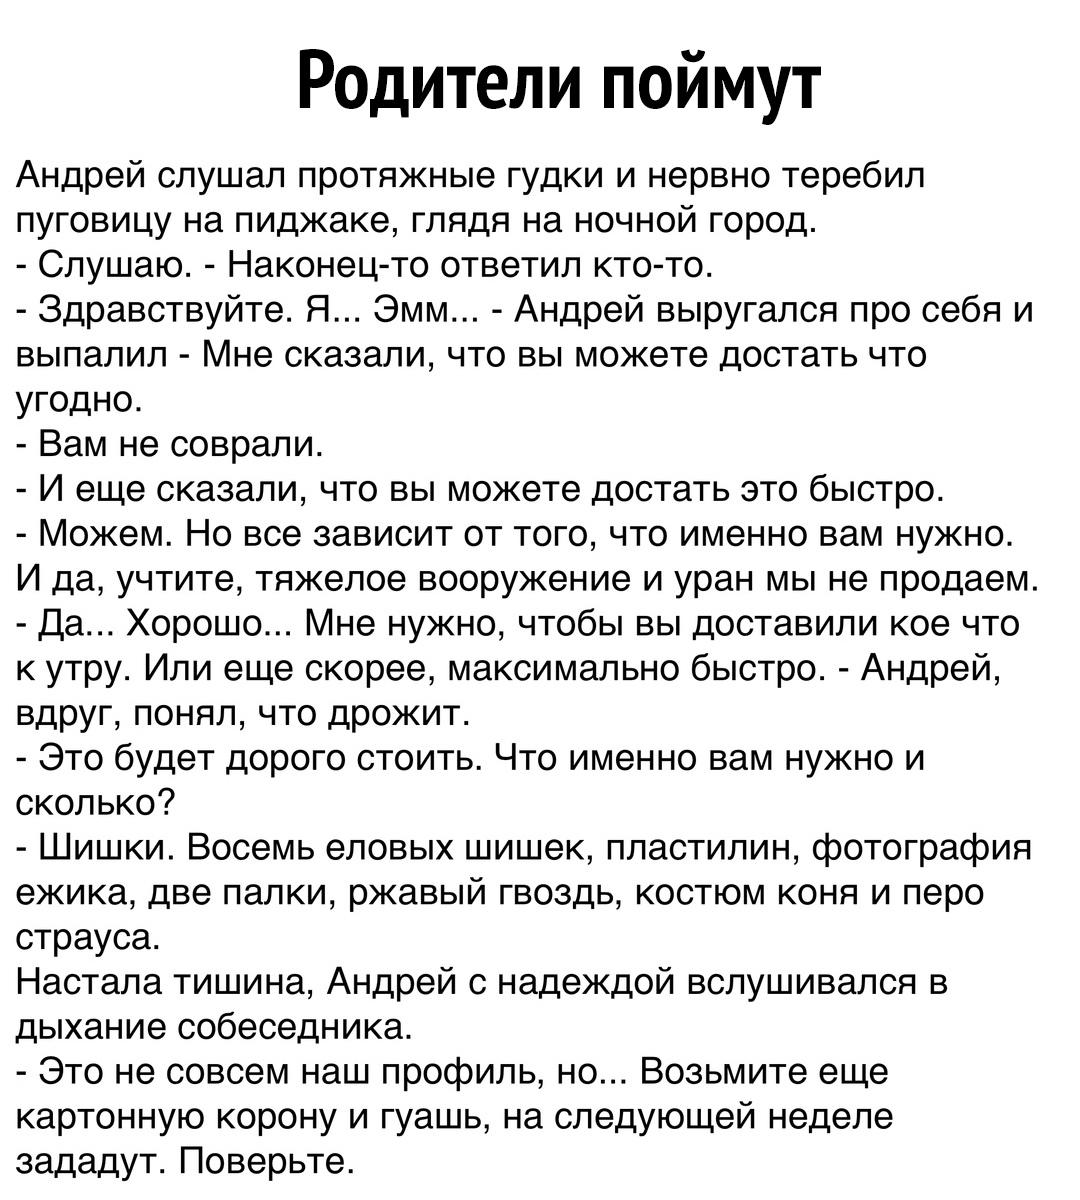 Lyu4tPTBDis.jpg